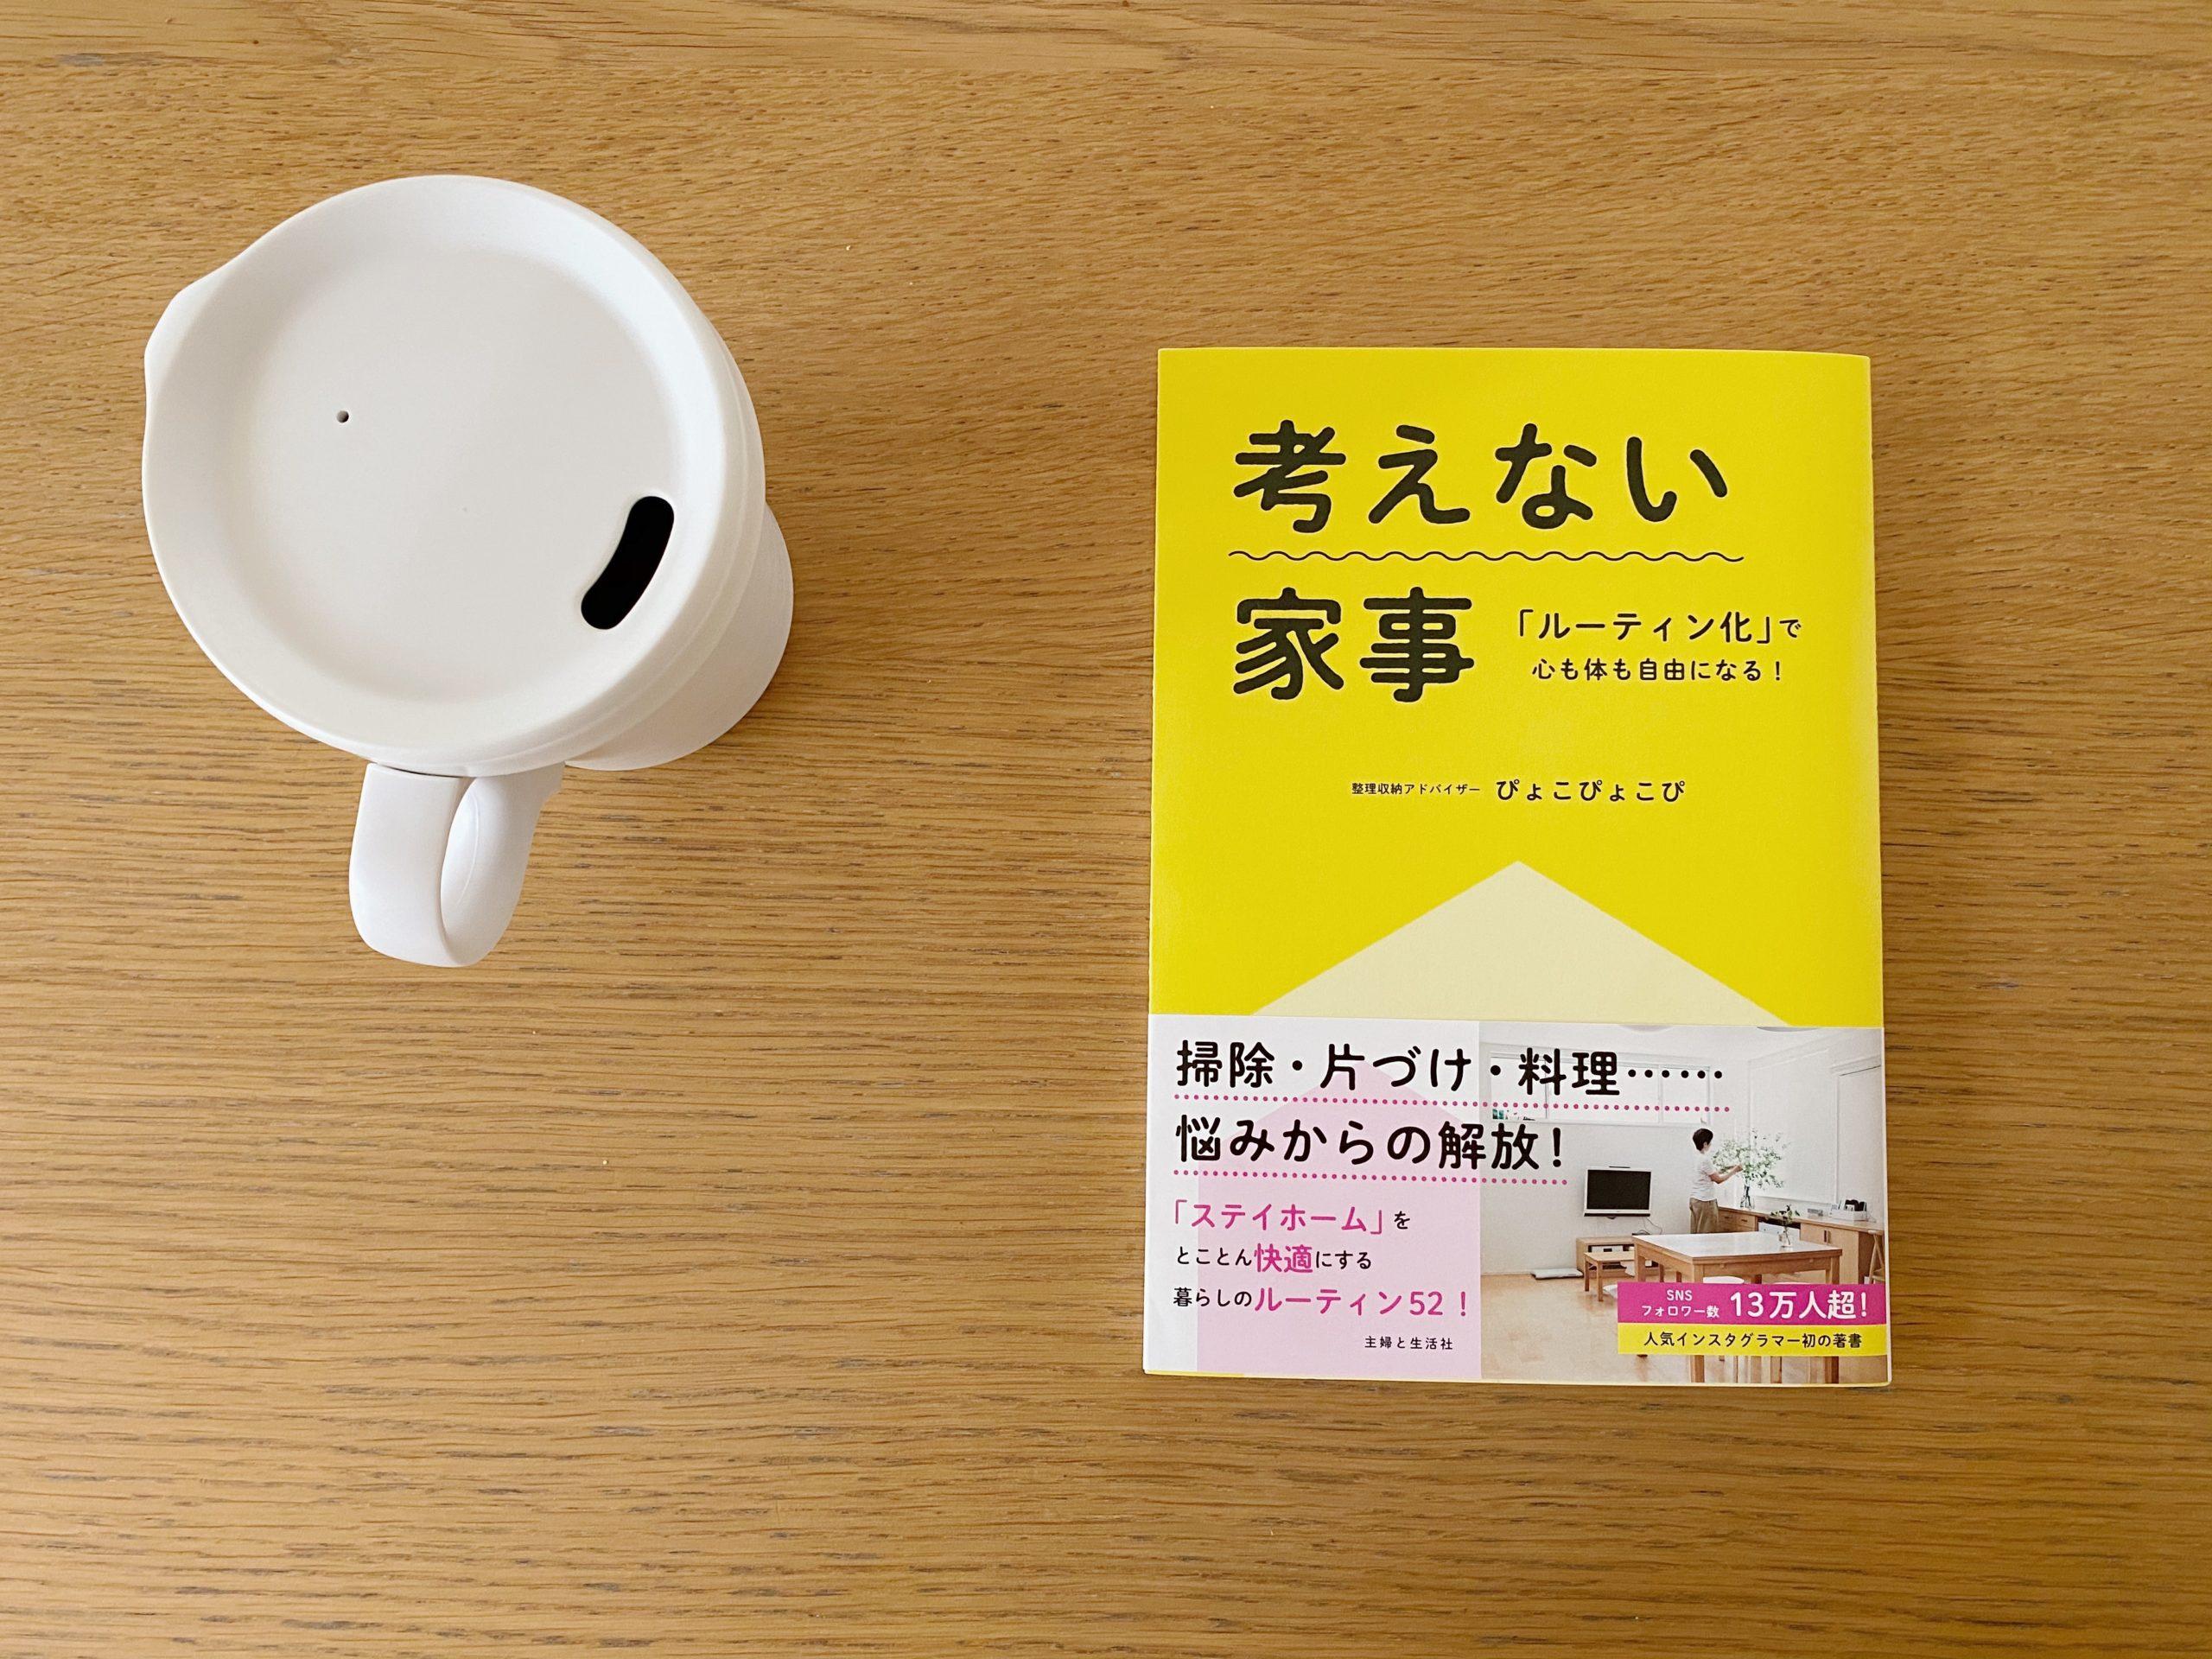 著書『考えない家事「ルーティン化」で心も体も自由になる!』出版